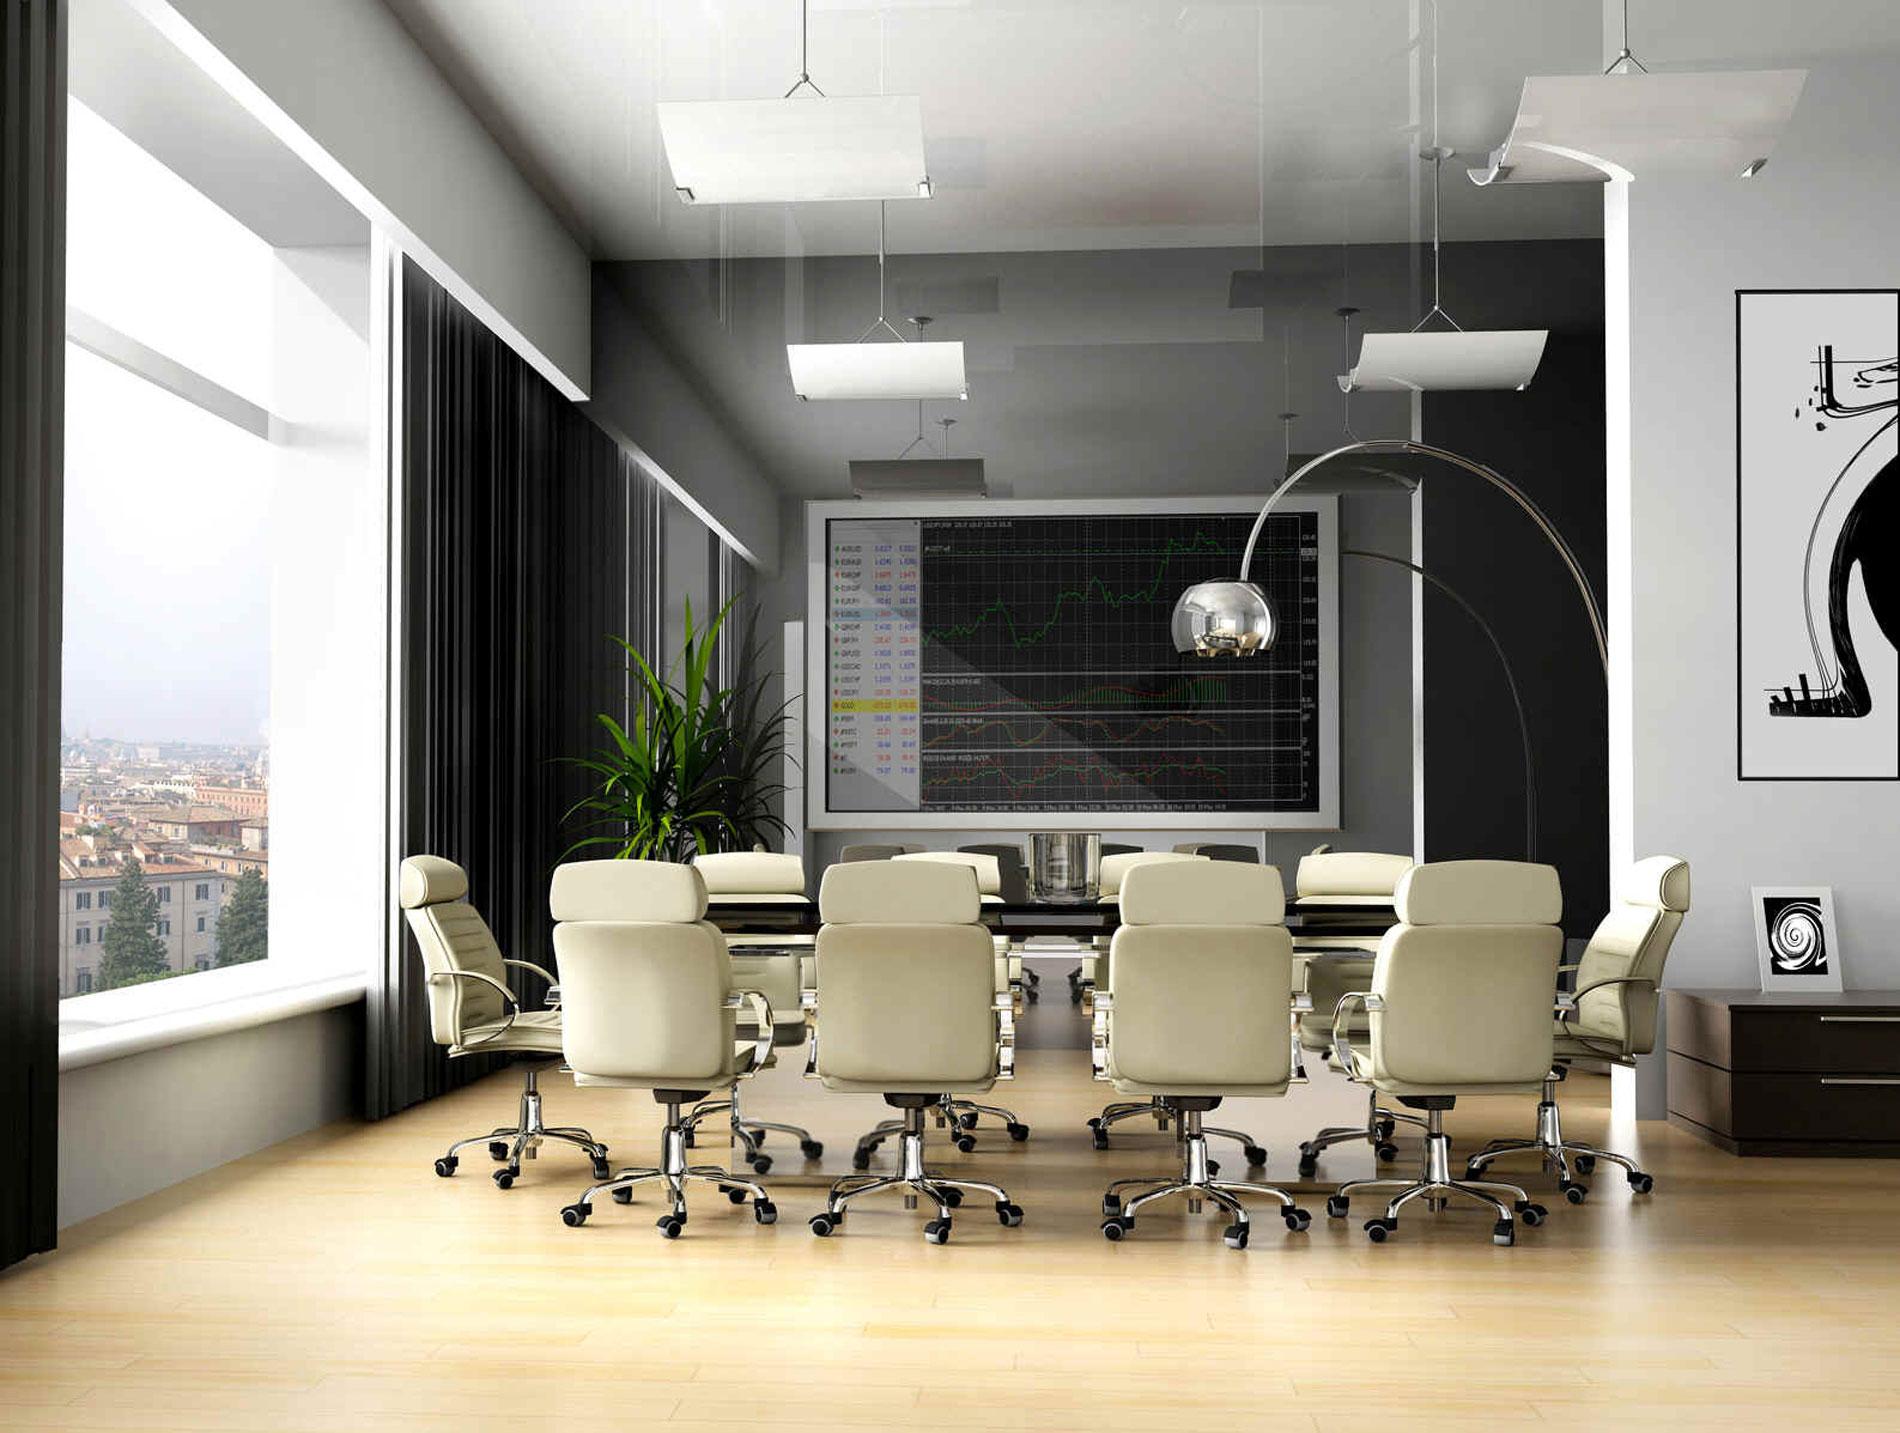 Бизнес дизайн интерьера